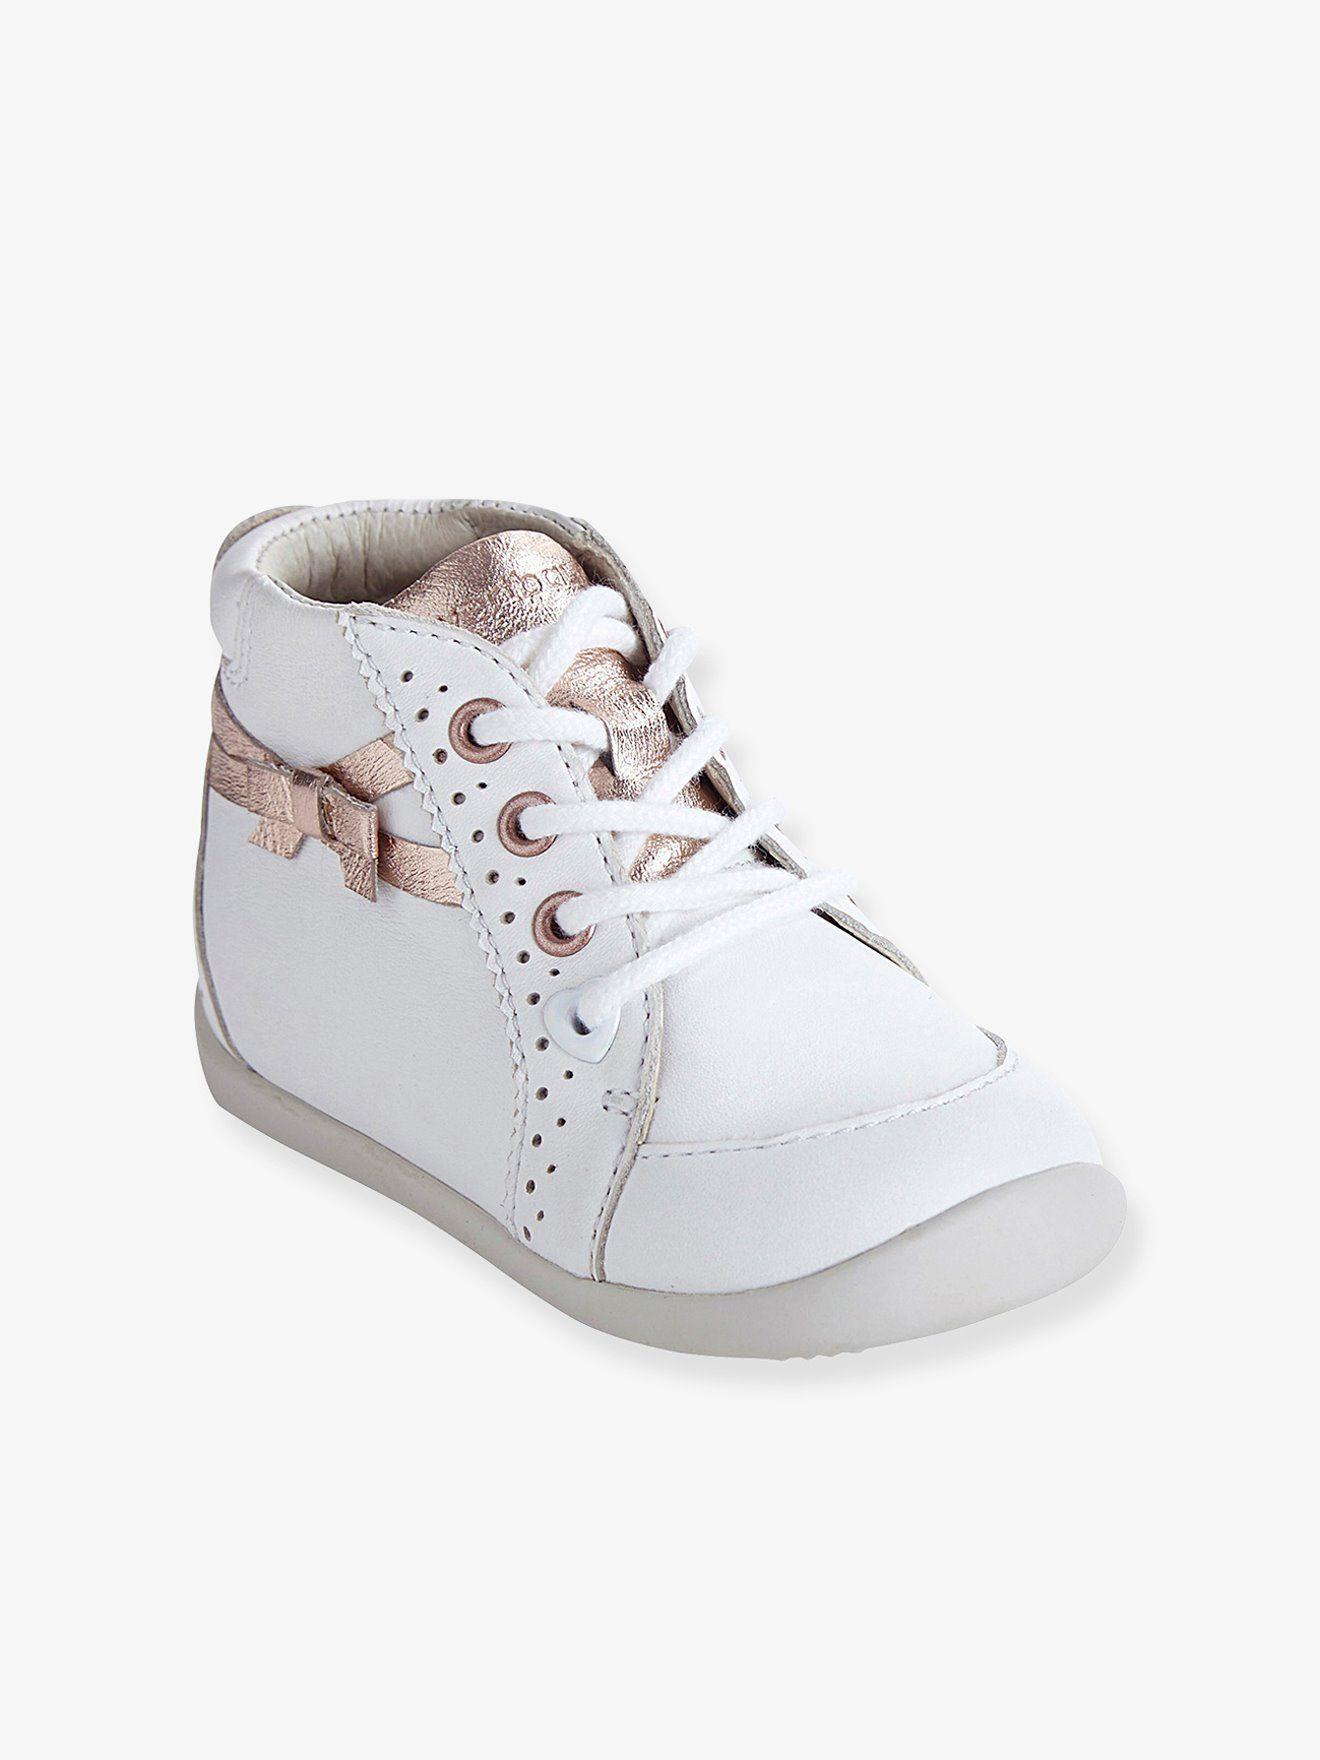 b0714dbf9 Bottines cuir fille spécial premiers pas blanc - En voilà de jolies  bottines pour (bien) faire ses premiers pas ! Conçues par vertbaudet